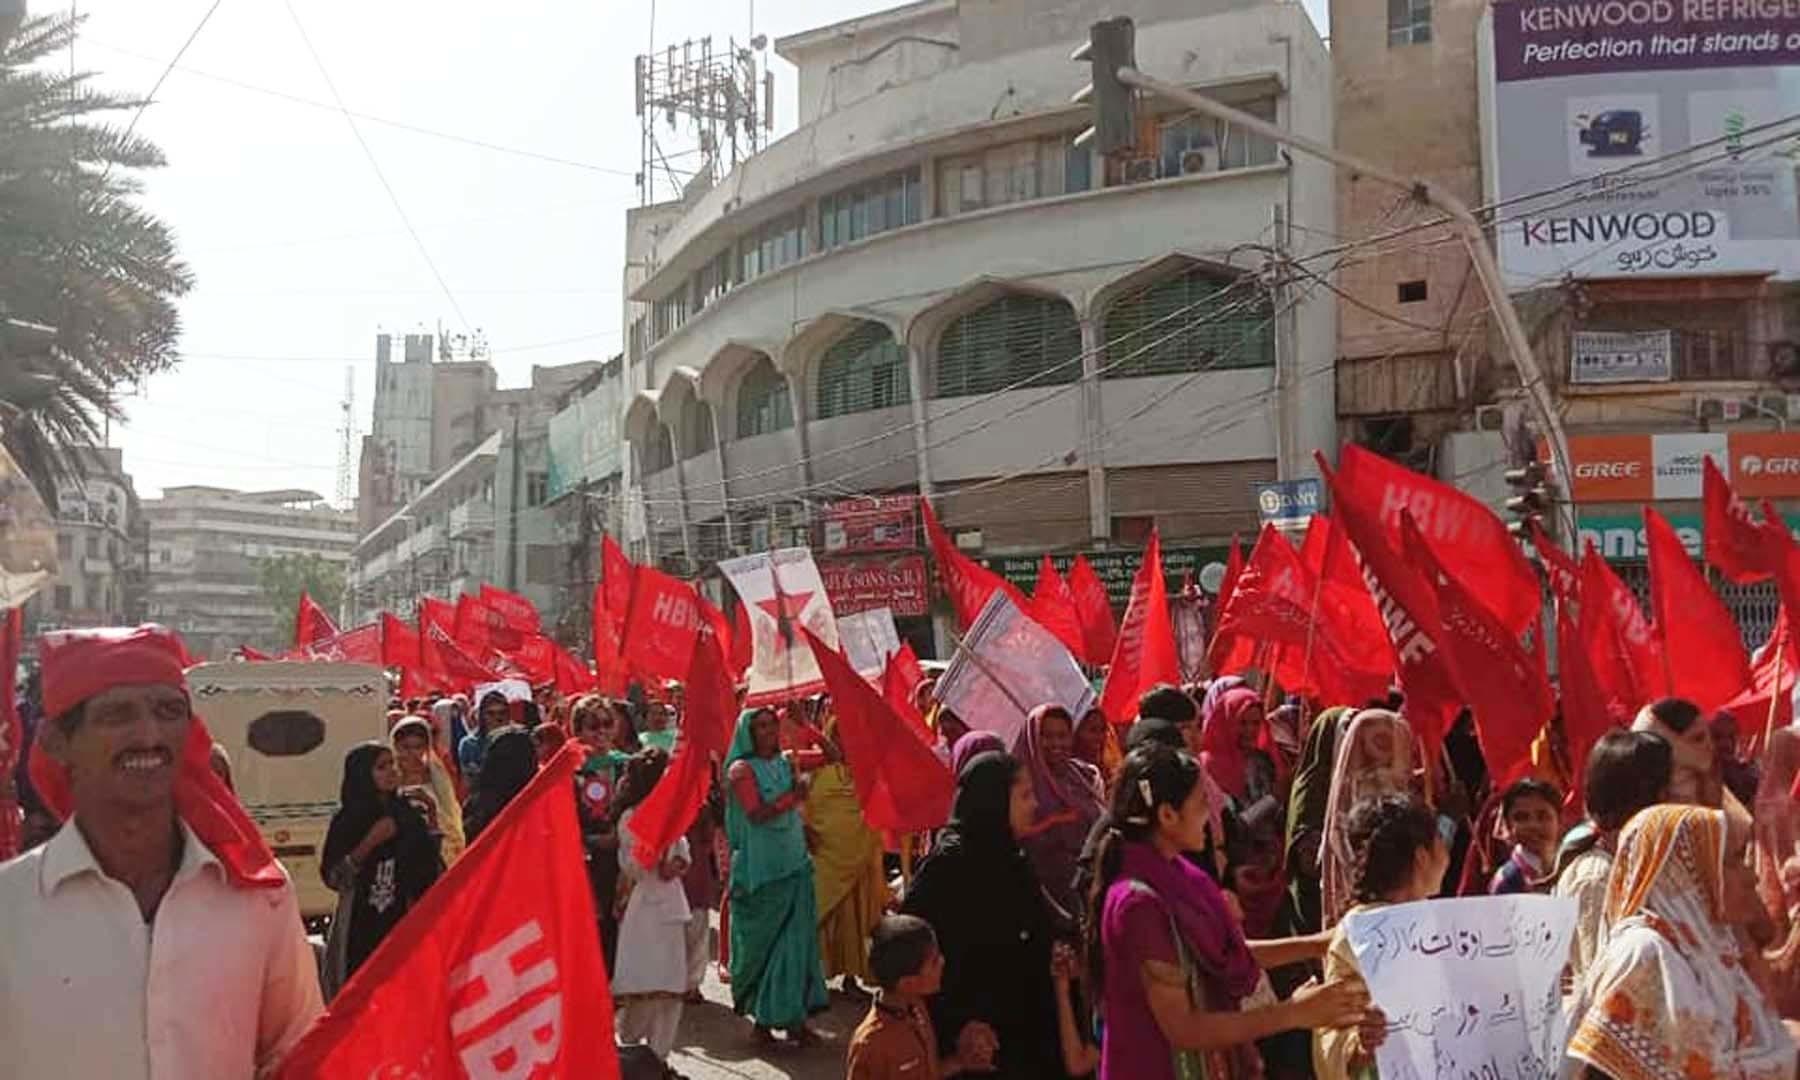 یکم مئی کو ریگل چوک سے یومِ مزدور سے متعلق ریلی گزر رہی ہے—زہرہ خان